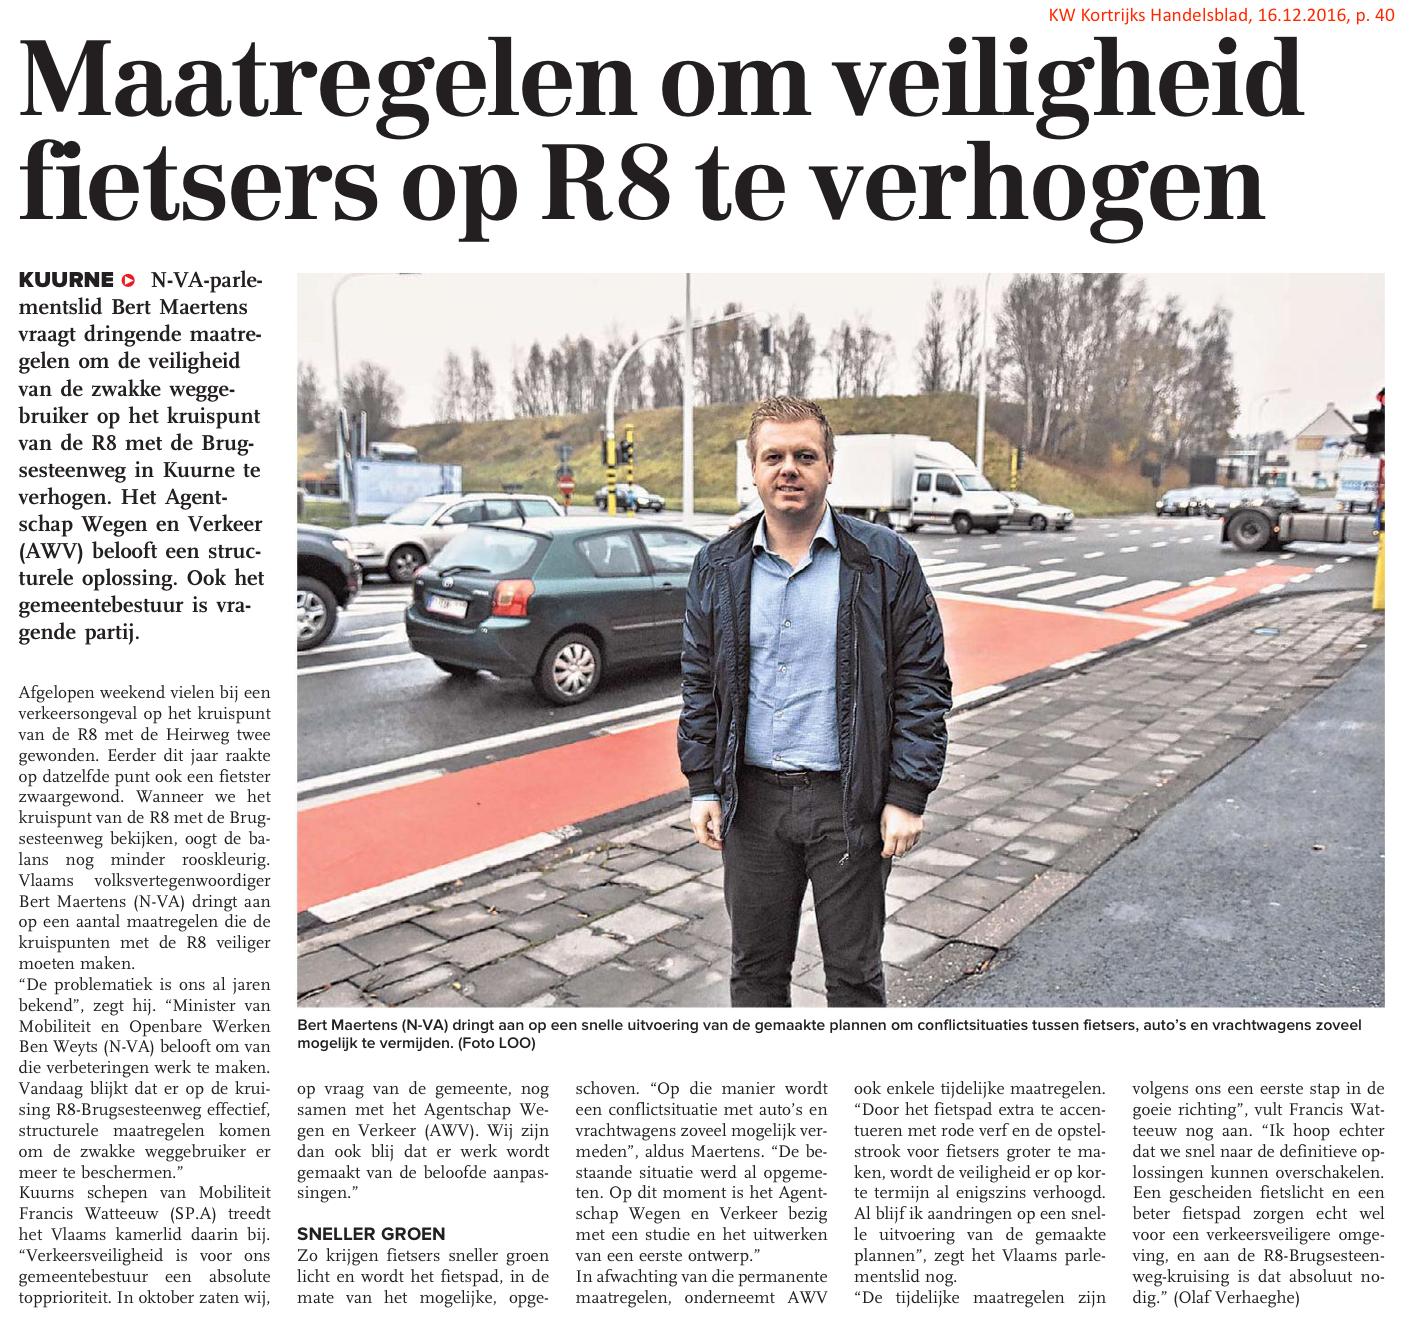 KW Kortrijks Handelsblad, 16.12.2016, p. 40